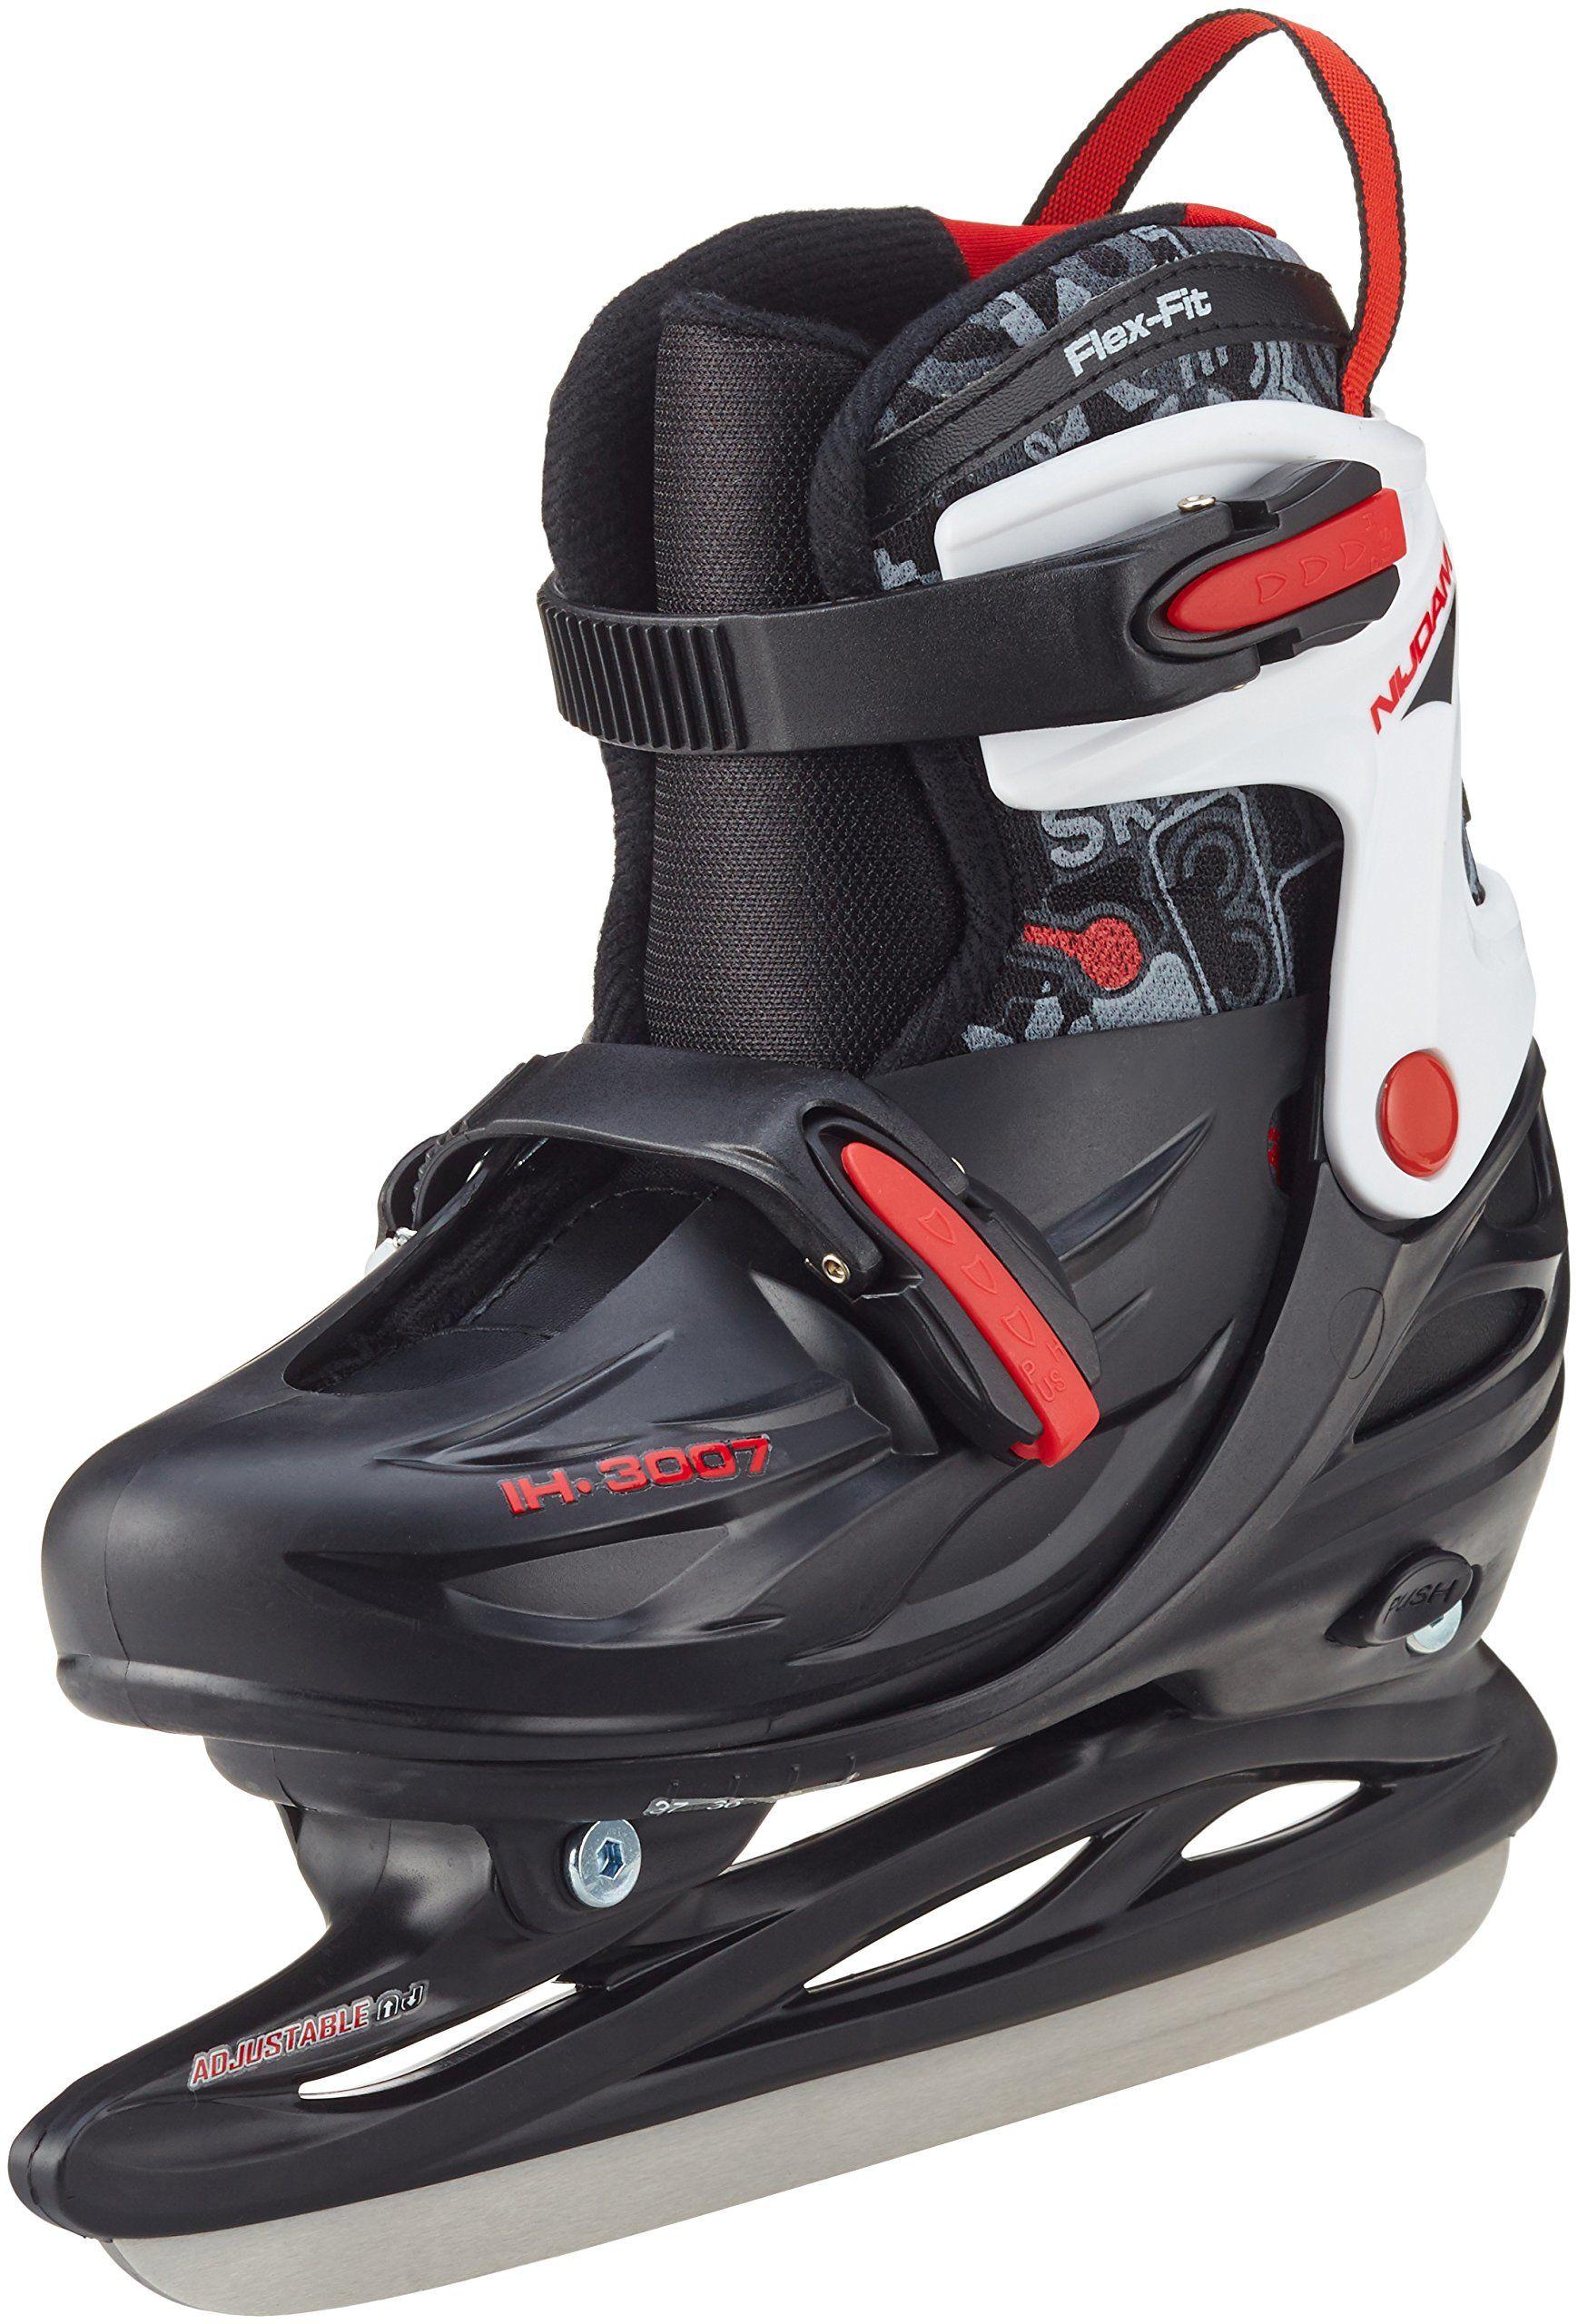 Nijdam Dziecięce łyżwy do hokeja na lodzie, regulowane, czarny/srebrny/czerwony, 30-33